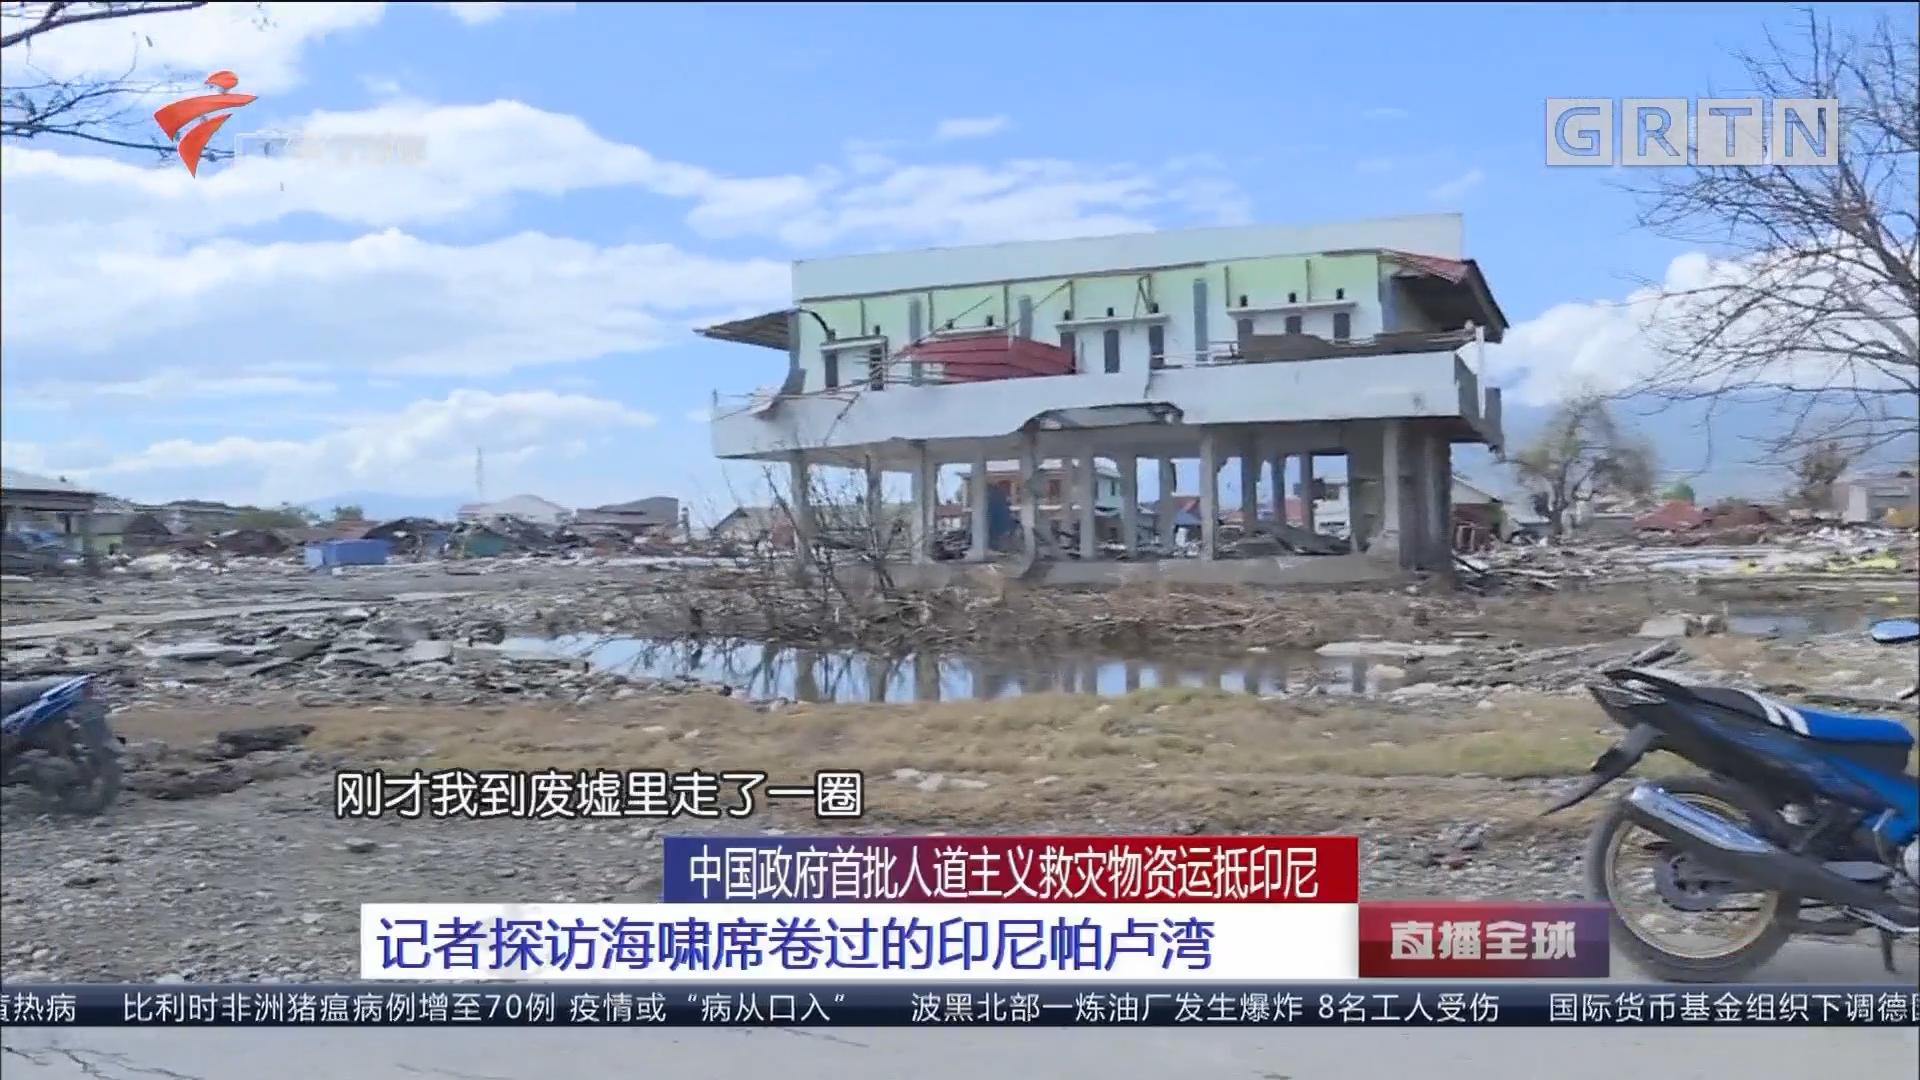 中国政府首批人道主义救灾物资运抵印尼:包括帐篷 净水器 发电机等援助物资